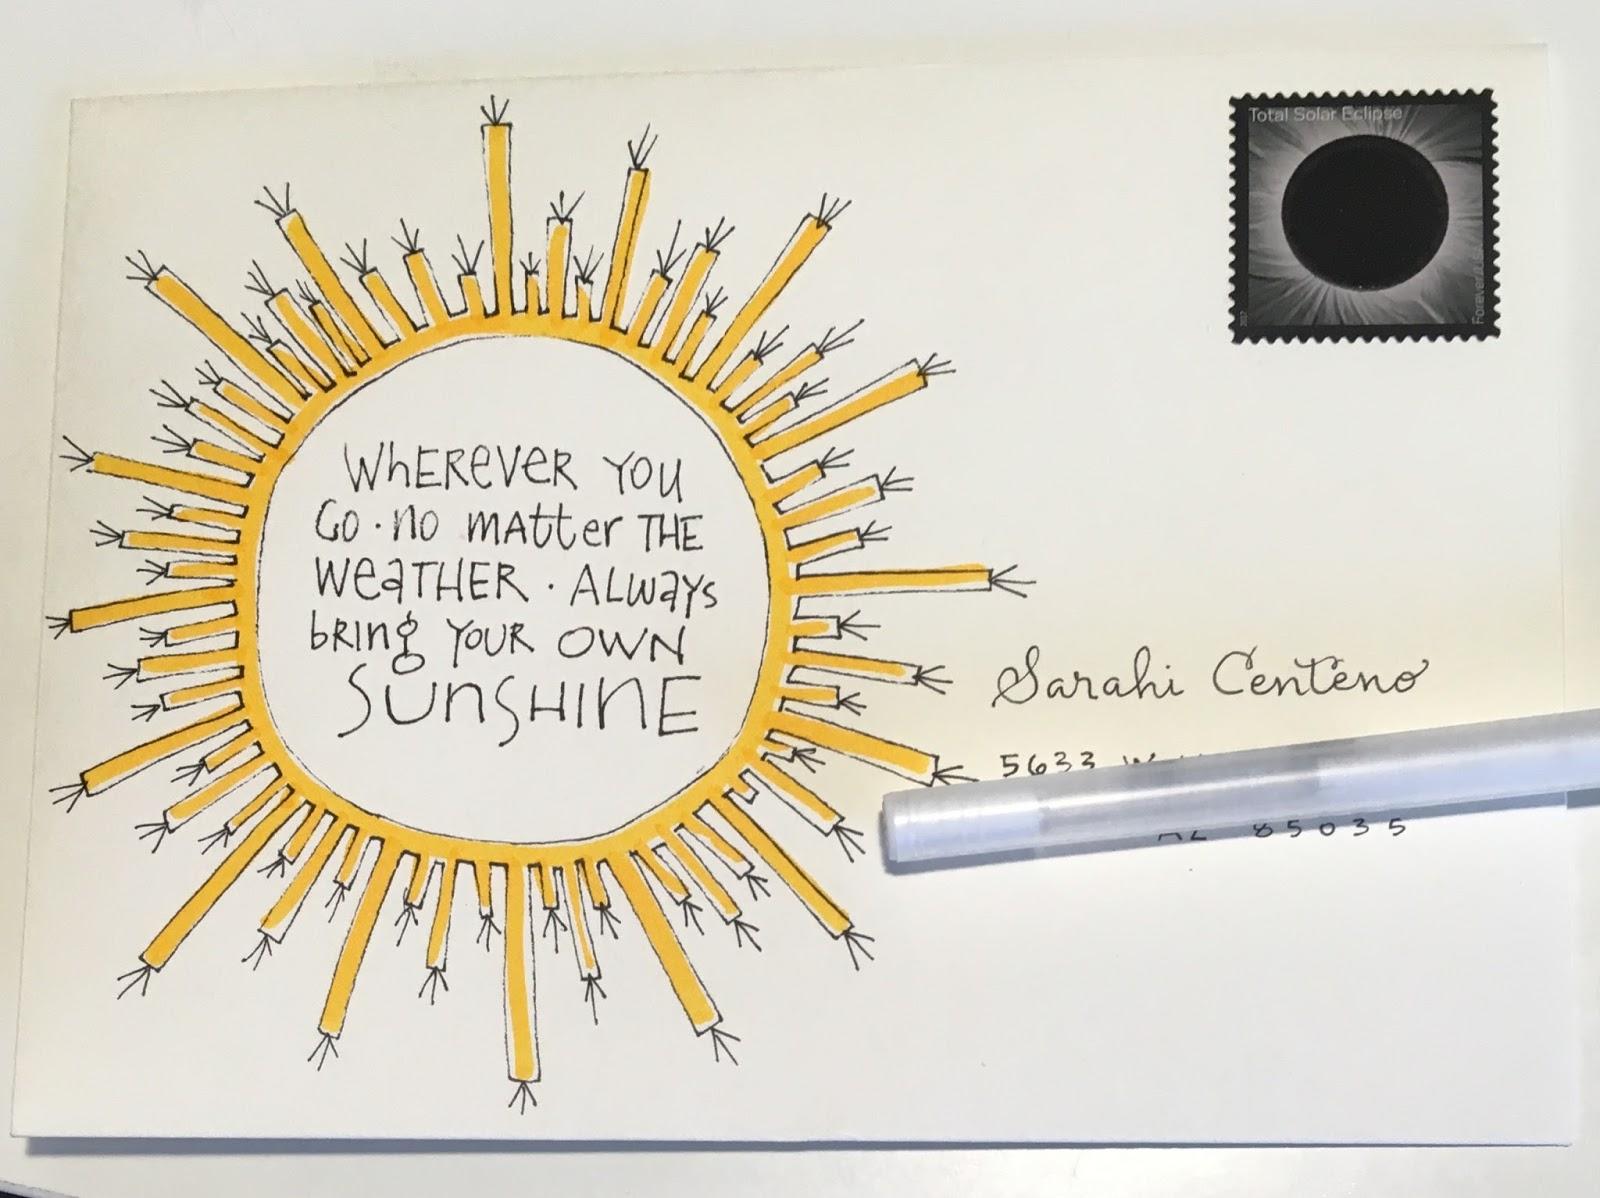 Sunshine Quotes pushing the envelopes: Sunshine Quote for Sarahi * Sunshine Quotes